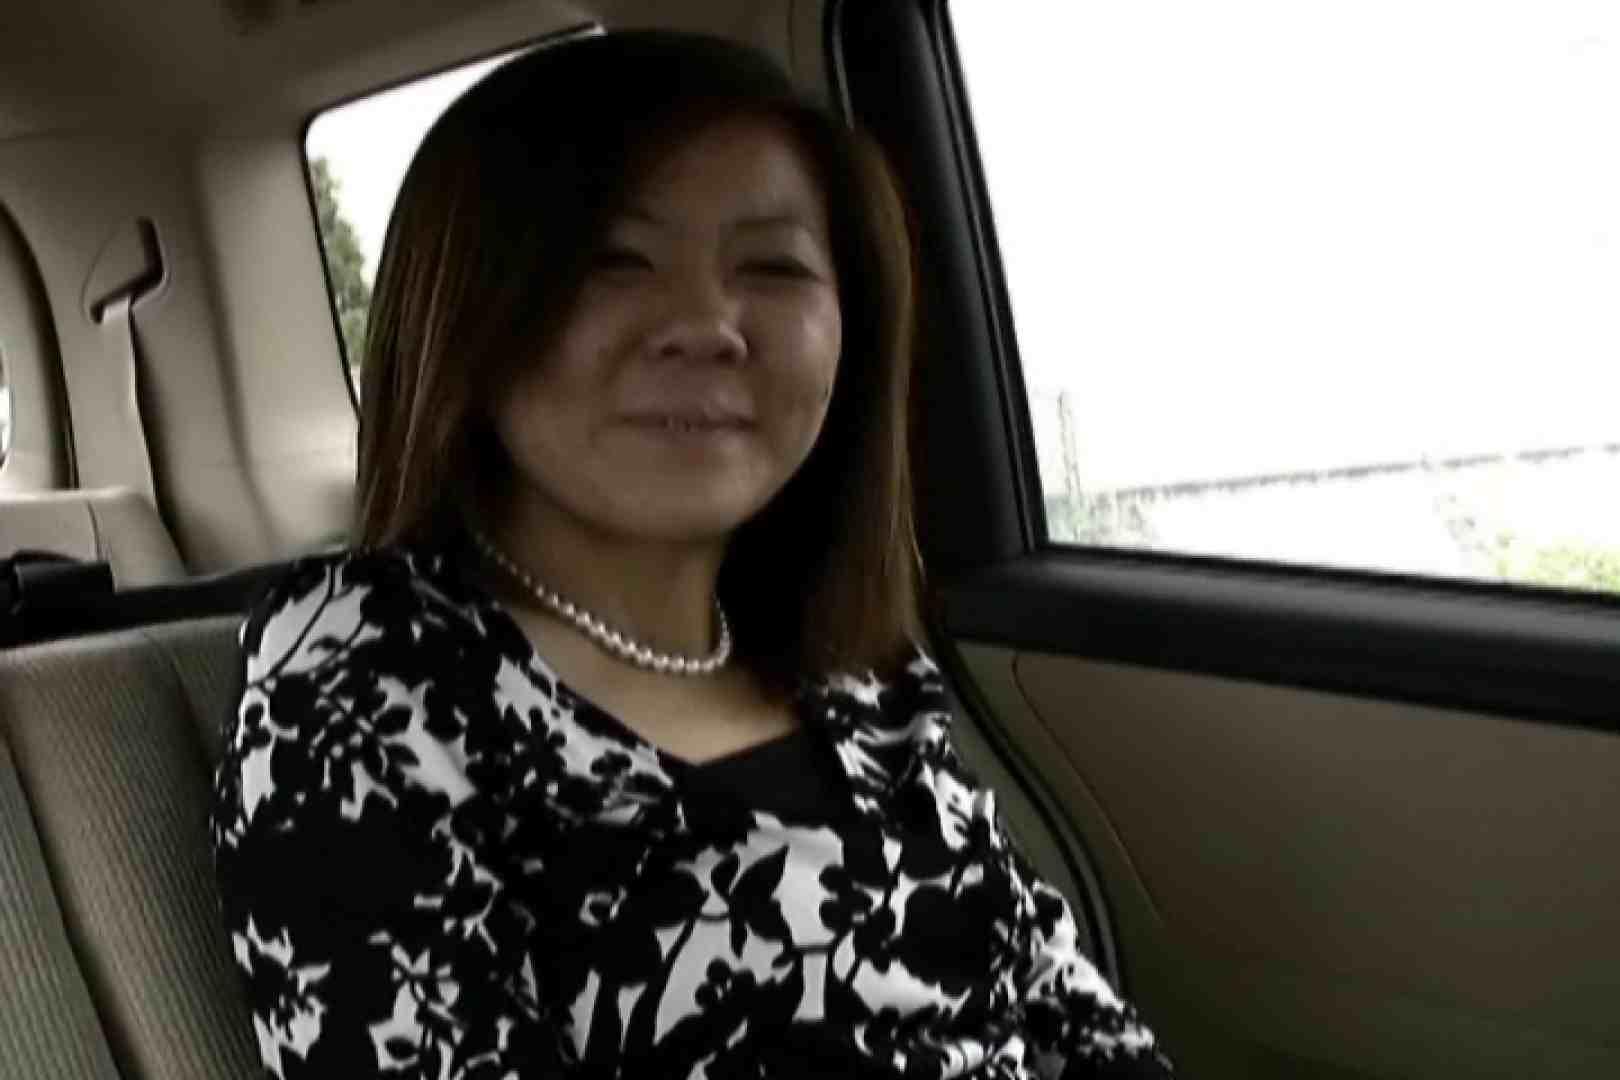 素人ナンパ本番撮り!出会い系でGET!Vol.13 熟女のエッチ   ナンパ  57pic 55